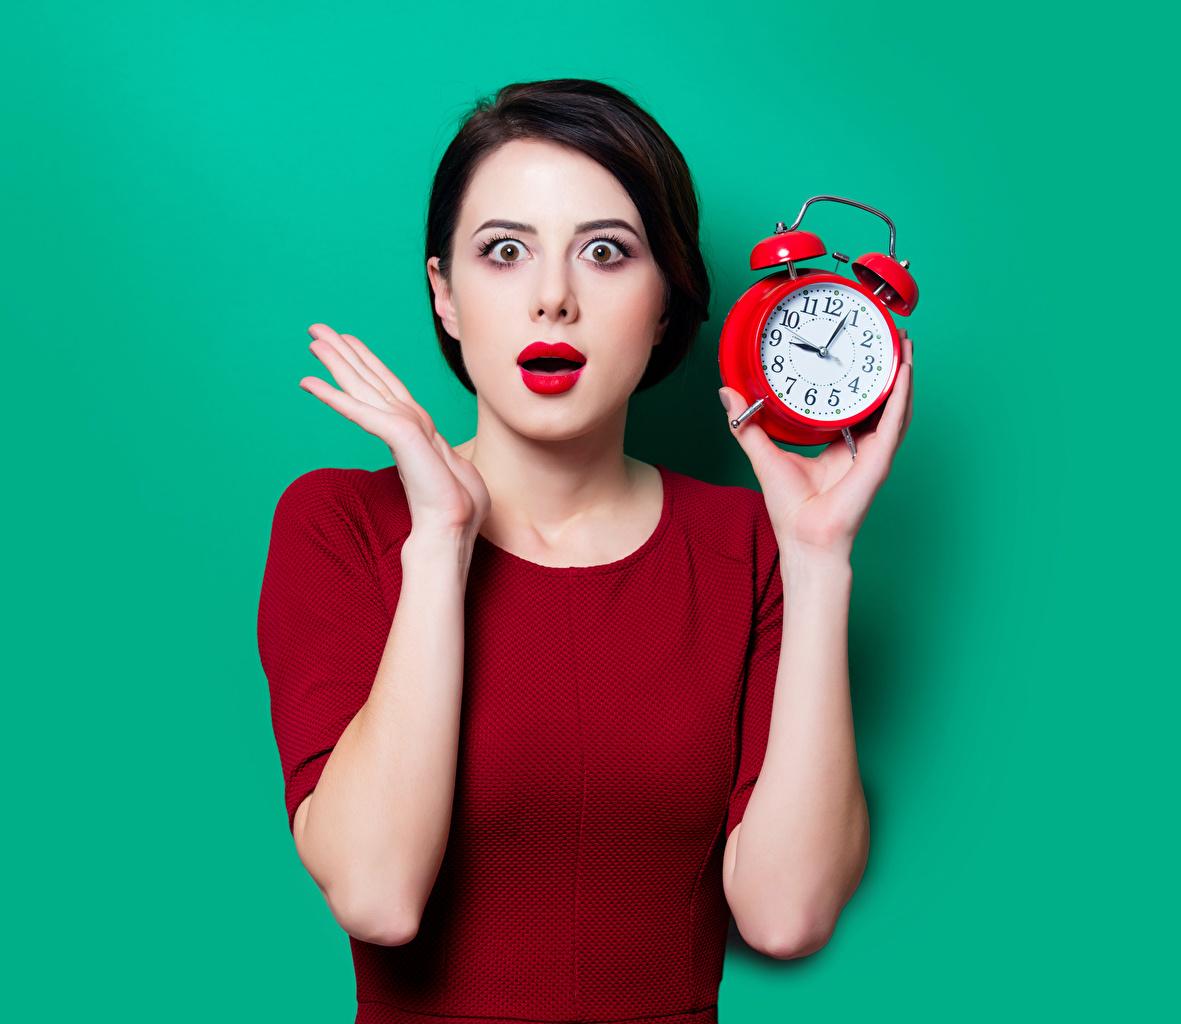 Фотография Брюнетка Удивление Часы Девушки Будильник Руки Цветной фон эмоции изумление